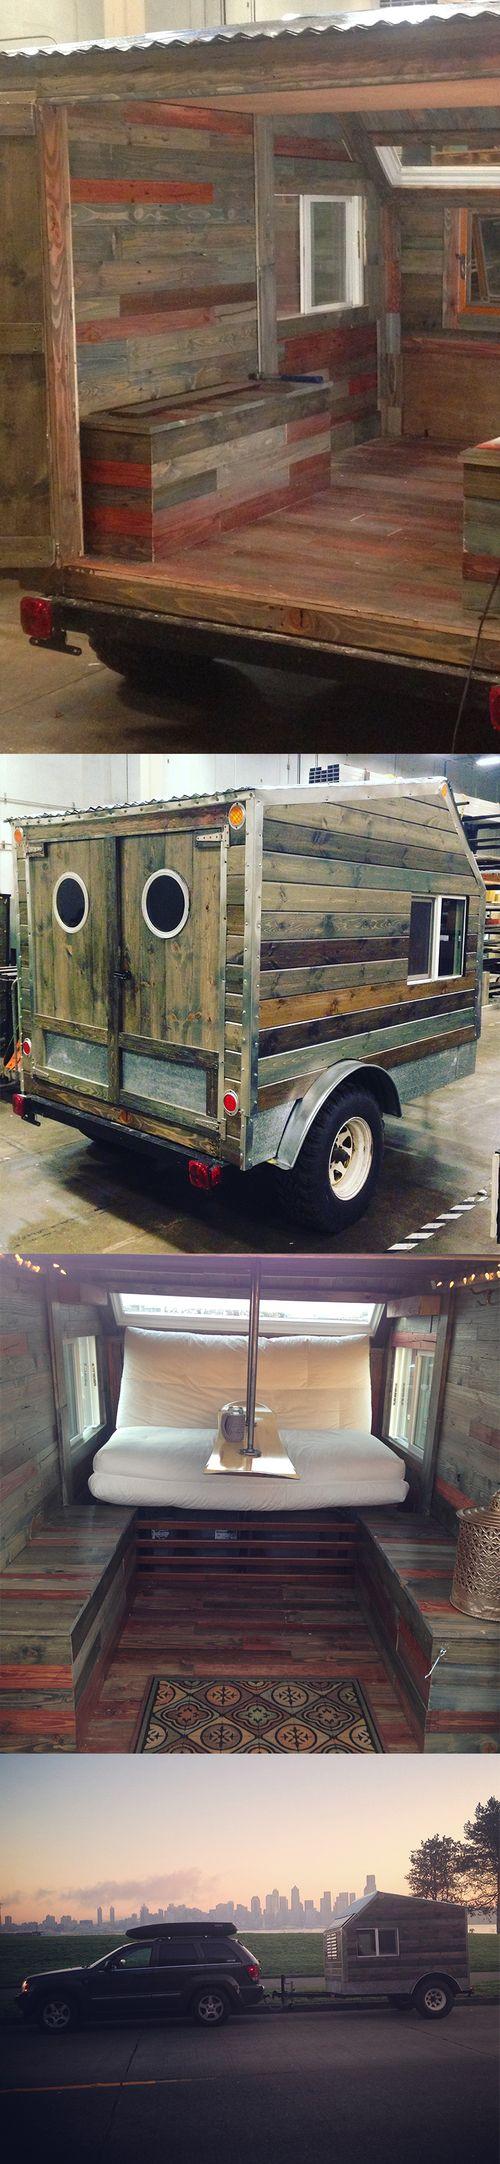 Simple DIY Camper Trailer DIY Cargo Trailer Camper Conversion Diy Tiny Homes